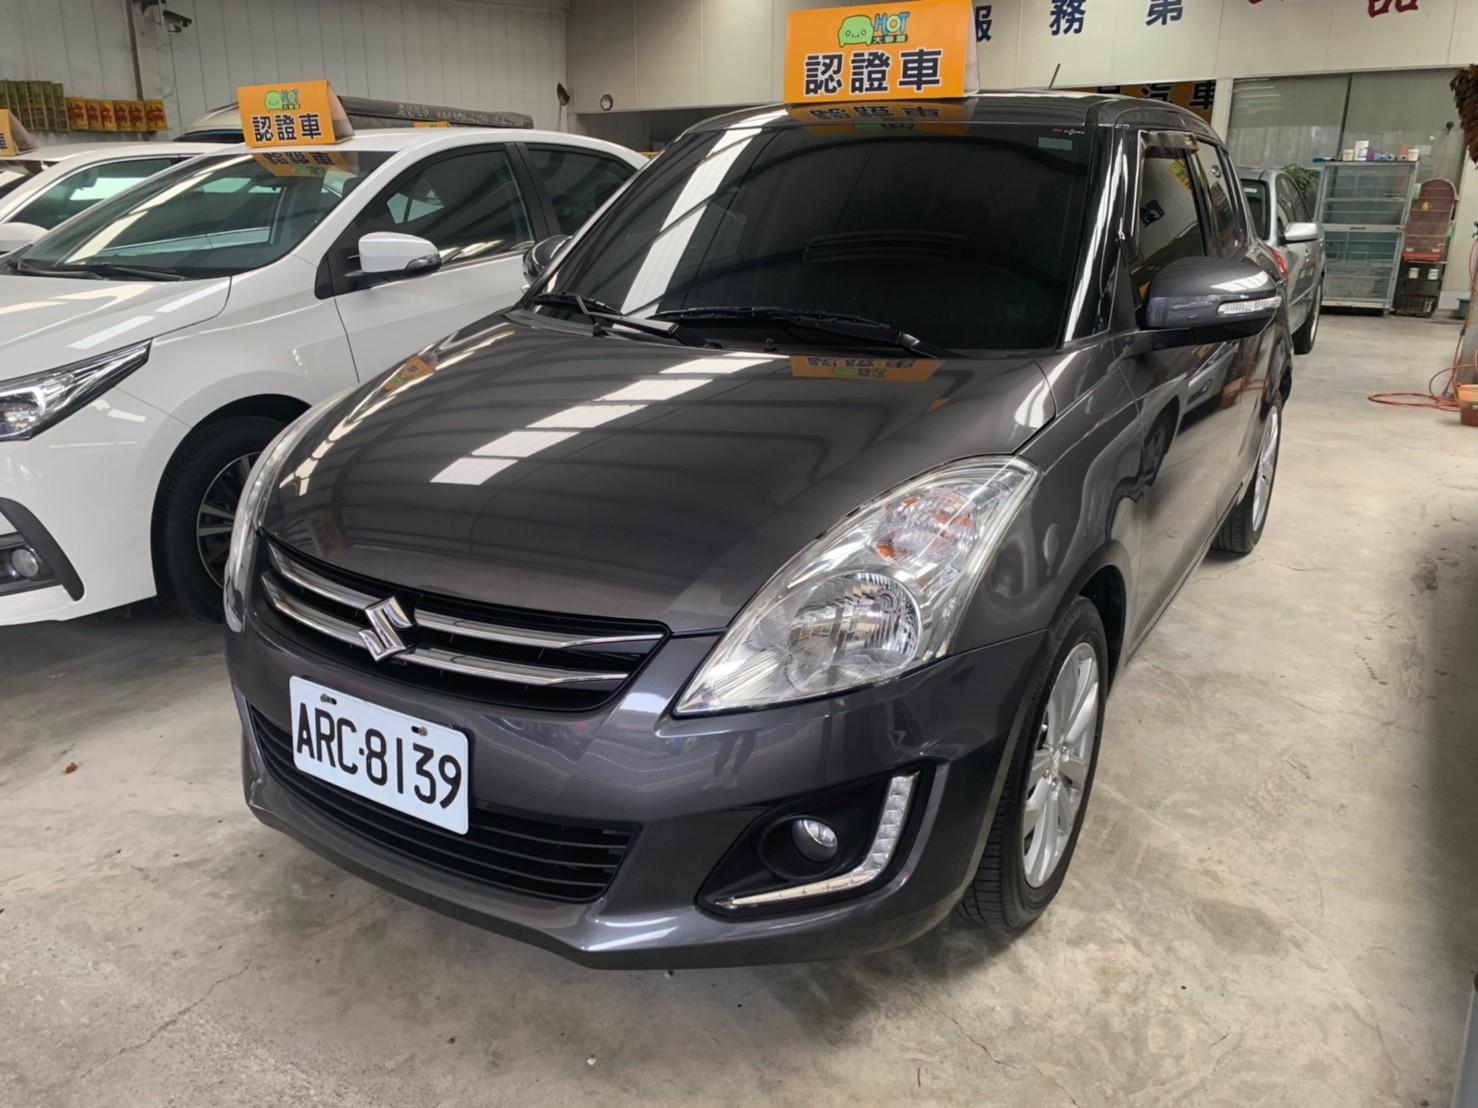 2016 Suzuki 鈴木 Swift